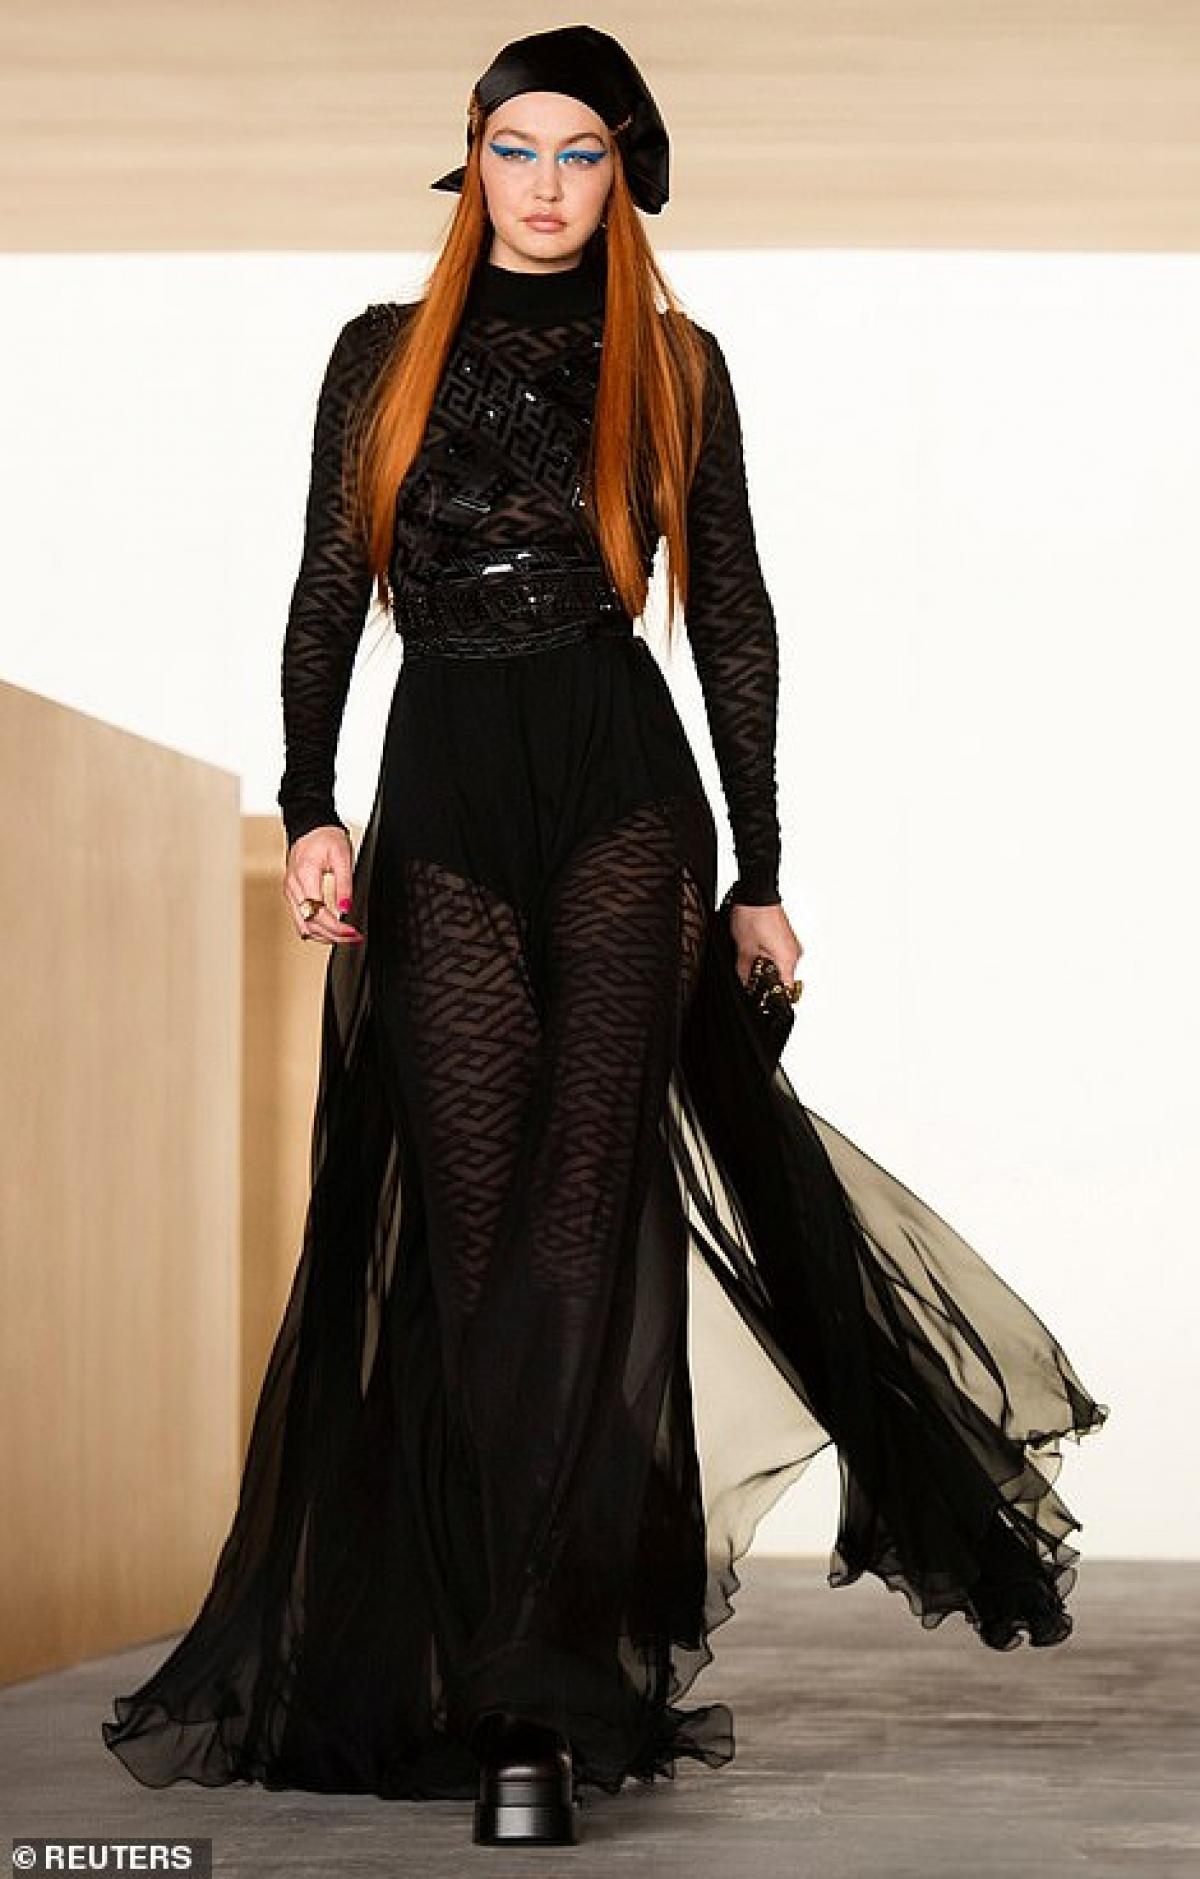 Gigi Hadid thu hút mọi ánh nhìn khi trở lại sàn diễn trong show thời trang của Versace diễn ra ở Italia hôm 5/3.